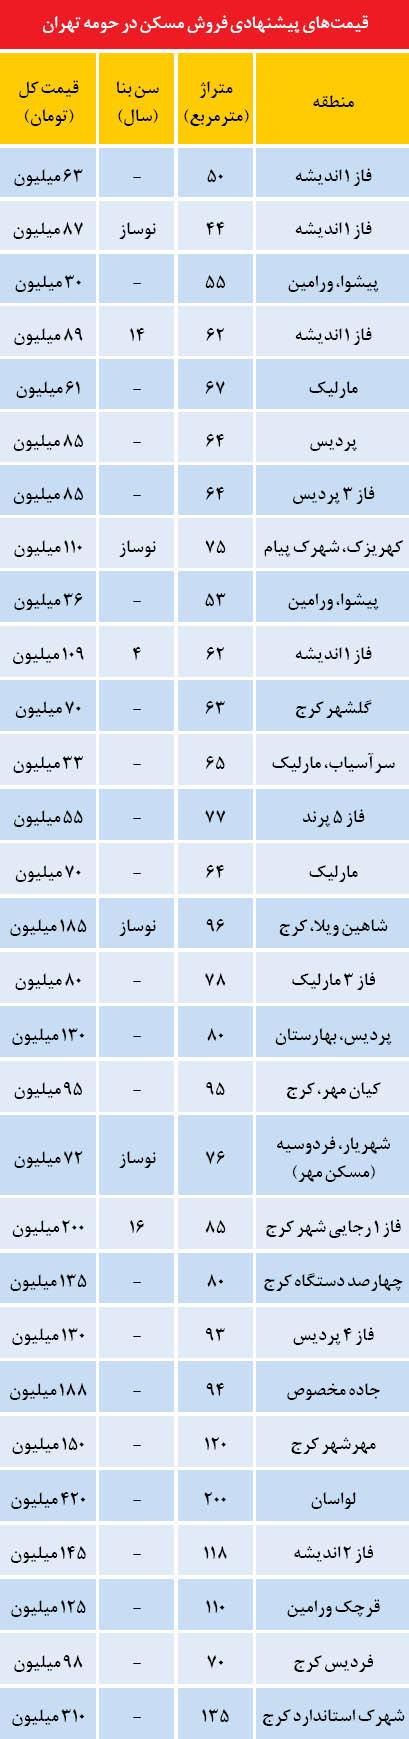 قیمت خانه های روی گسل تهران  جدول.